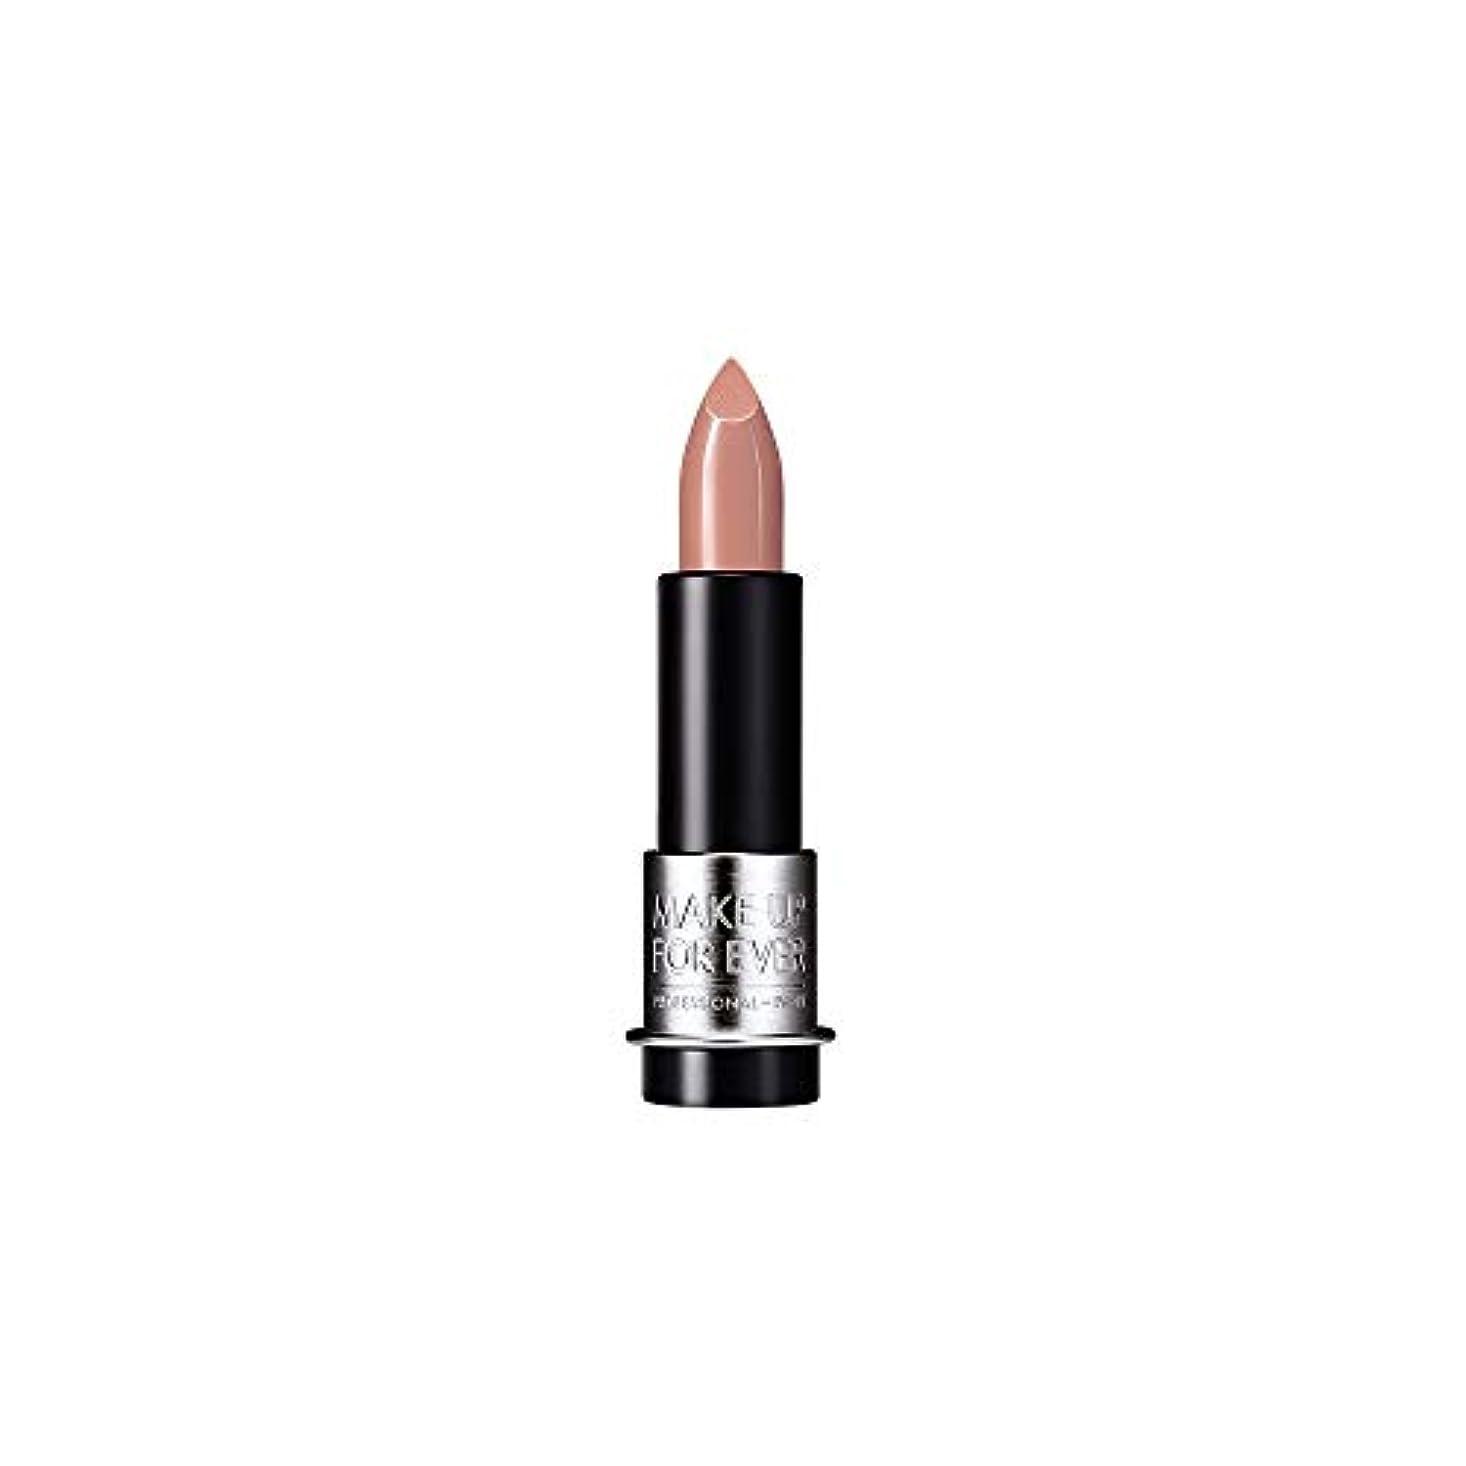 叫び声経験計画[MAKE UP FOR EVER] Gregeベージュ - これまでアーティストルージュクリーム口紅3.5グラムのC105を補います - MAKE UP FOR EVER Artist Rouge Creme Lipstick...